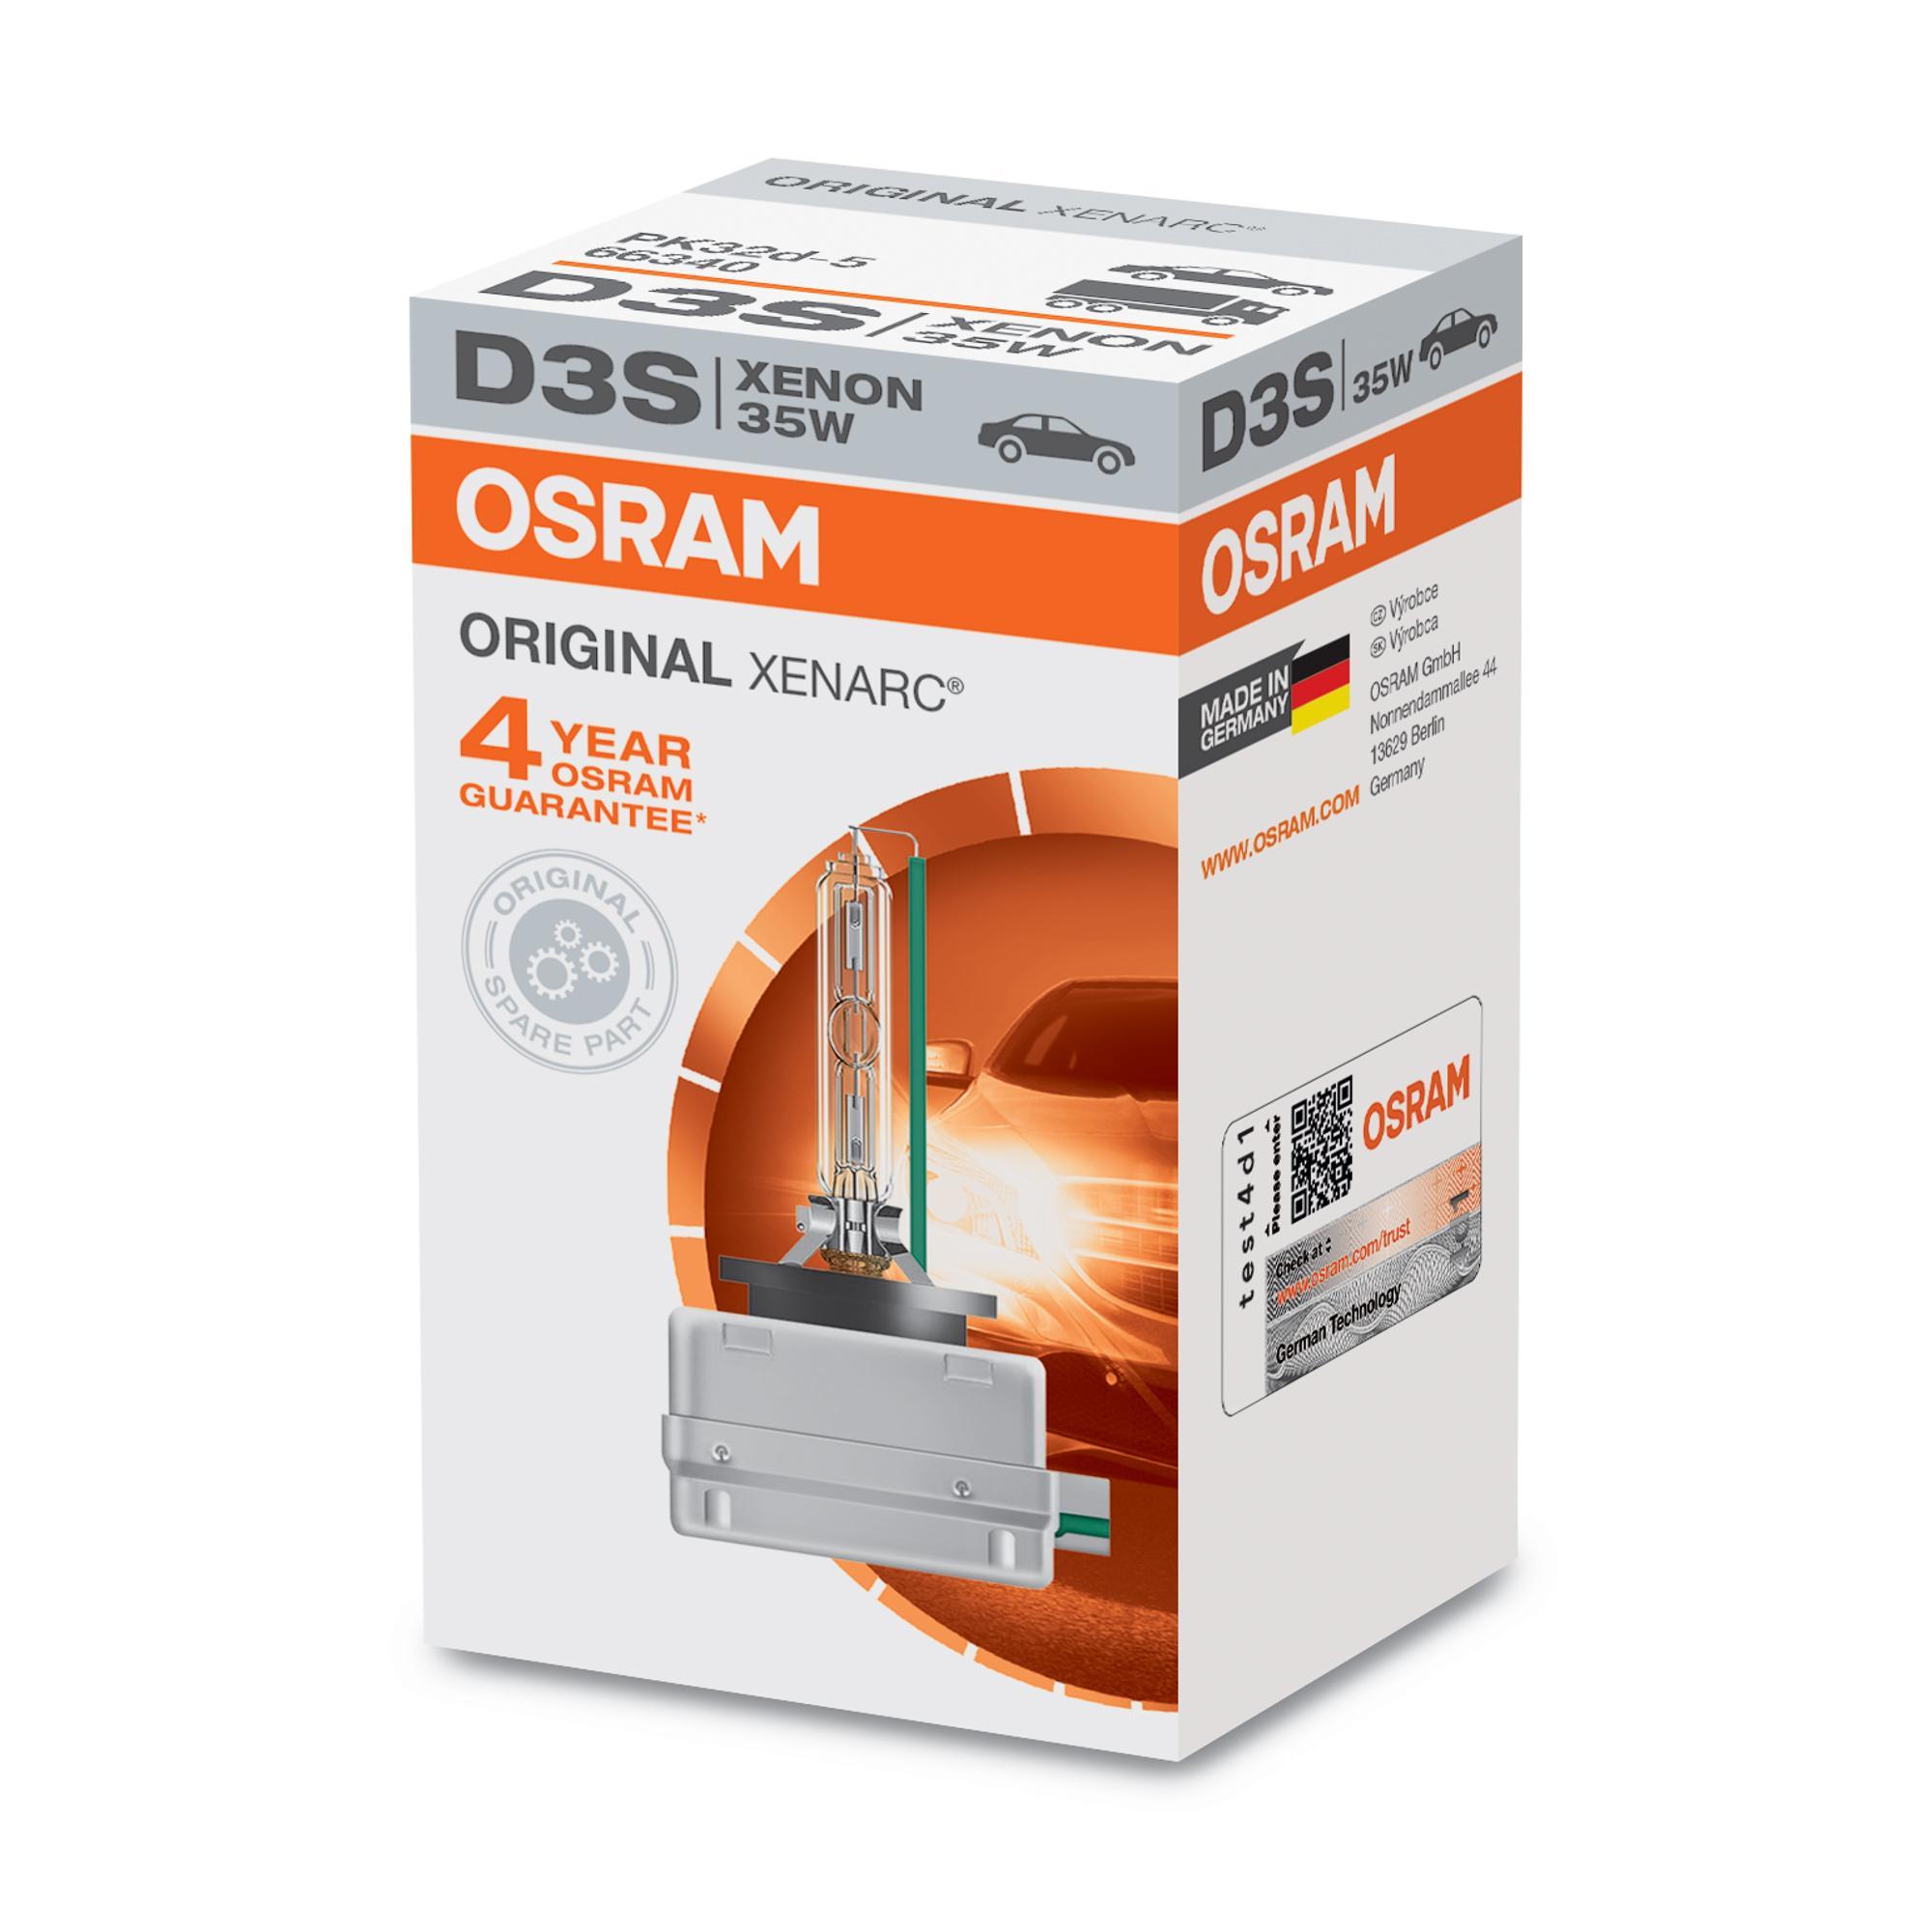 Zusatzscheinwerfer 66340 im online OSRAM Teile Ausverkauf